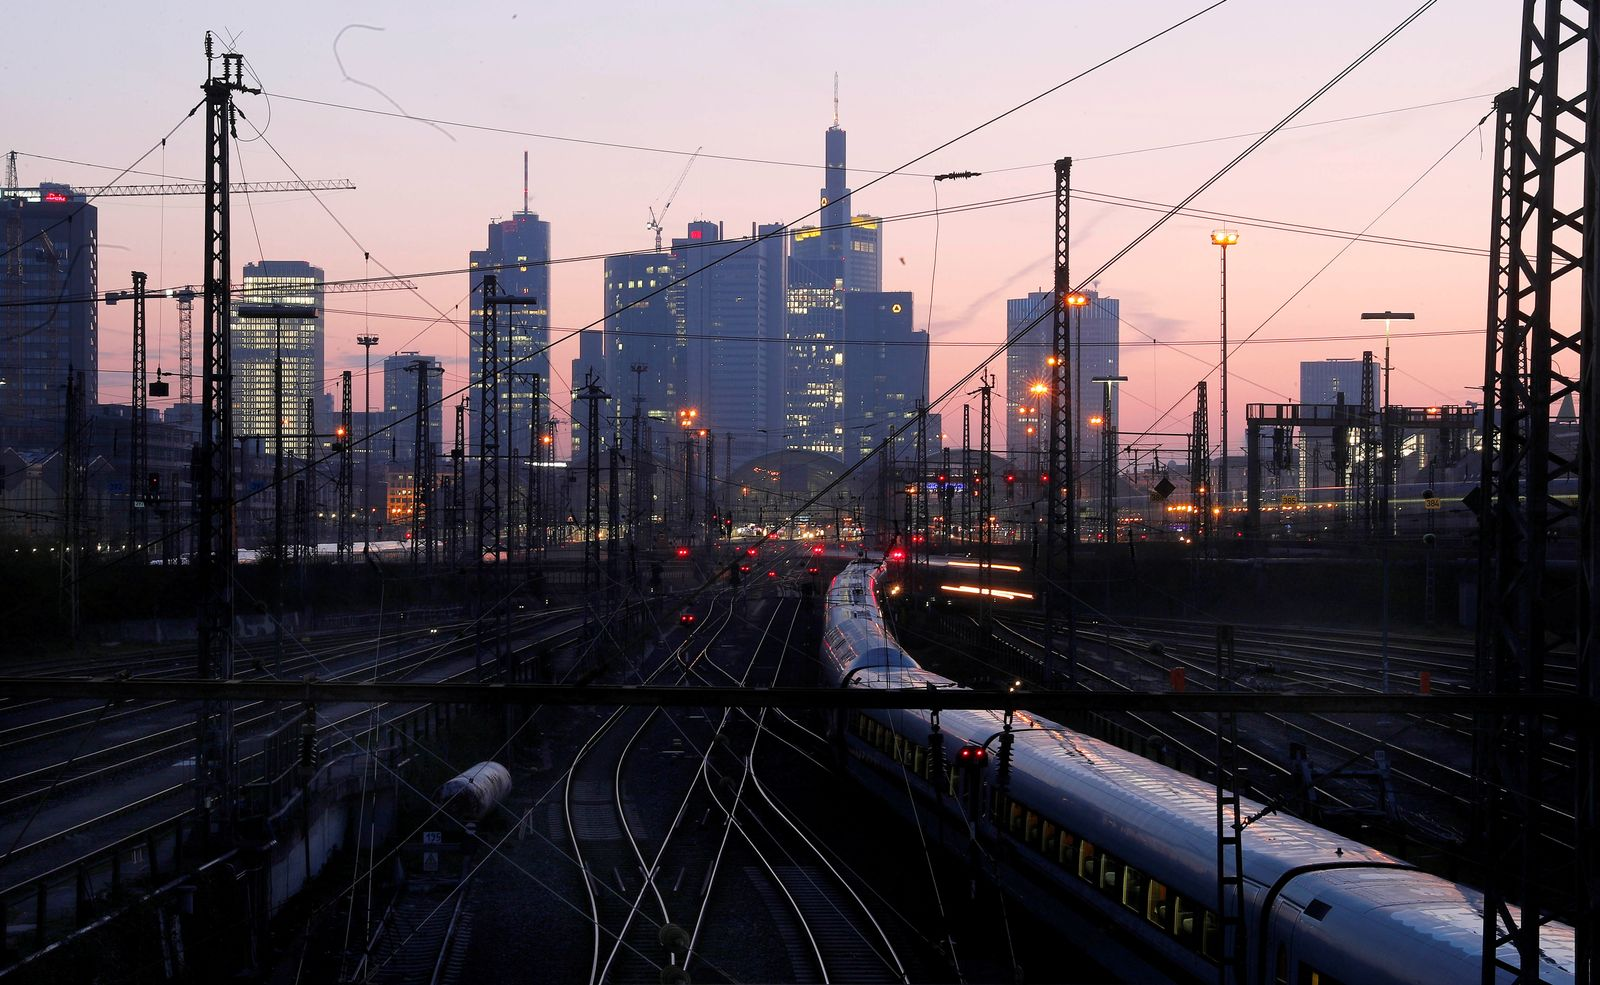 Bahn Frankfurt/Main